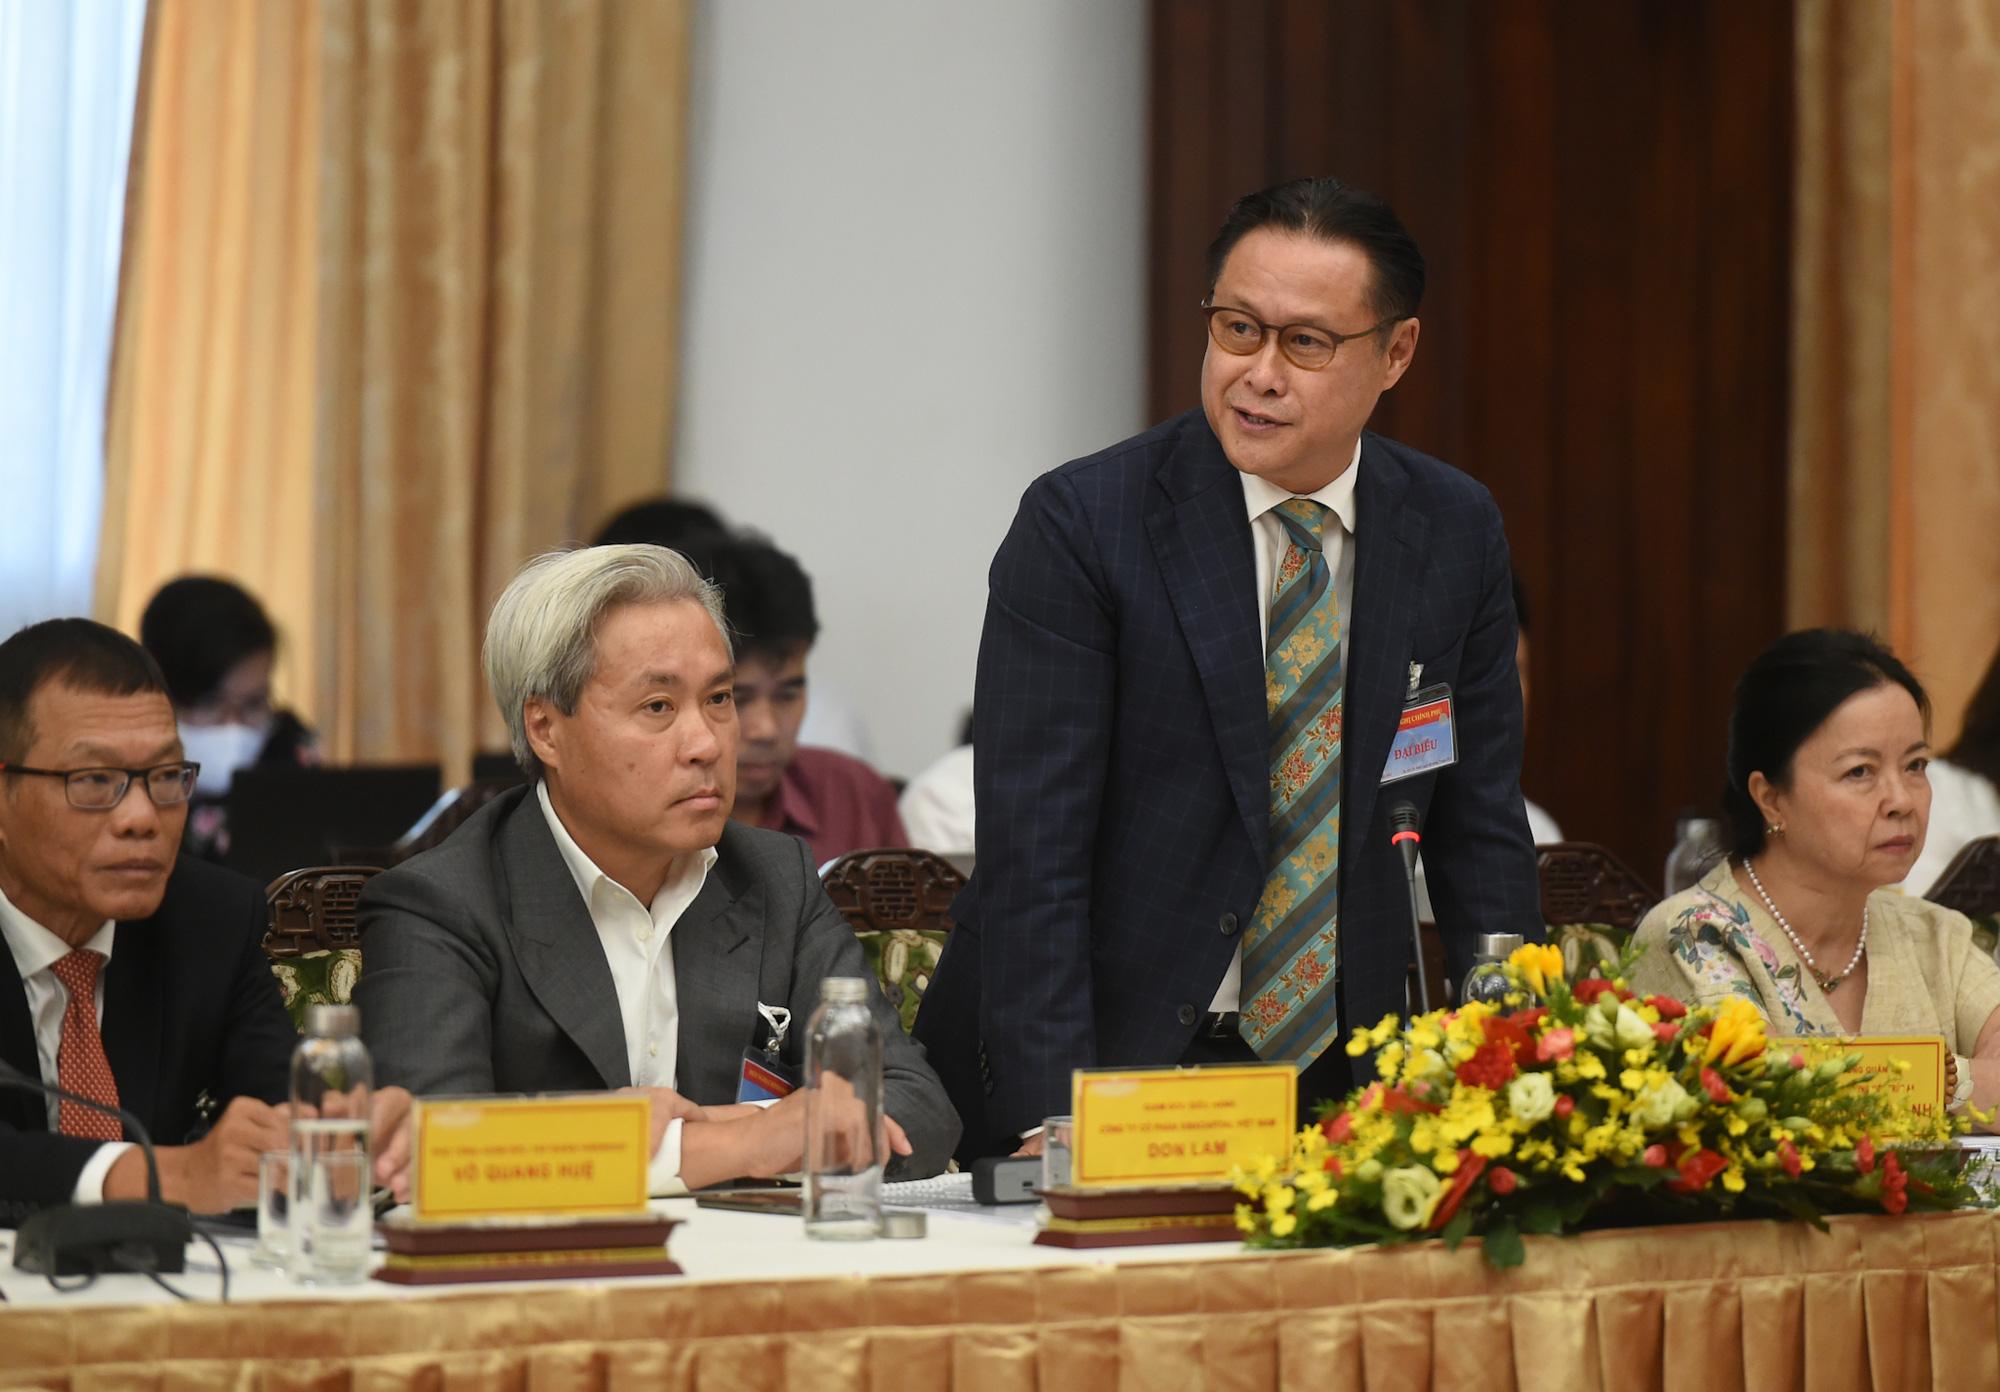 Ngành gỗ Việt Nam đứng thứ 2 thế giới, là ngành duy nhất tăng trưởng 2 con số trong suốt 18 năm - Ảnh 2.